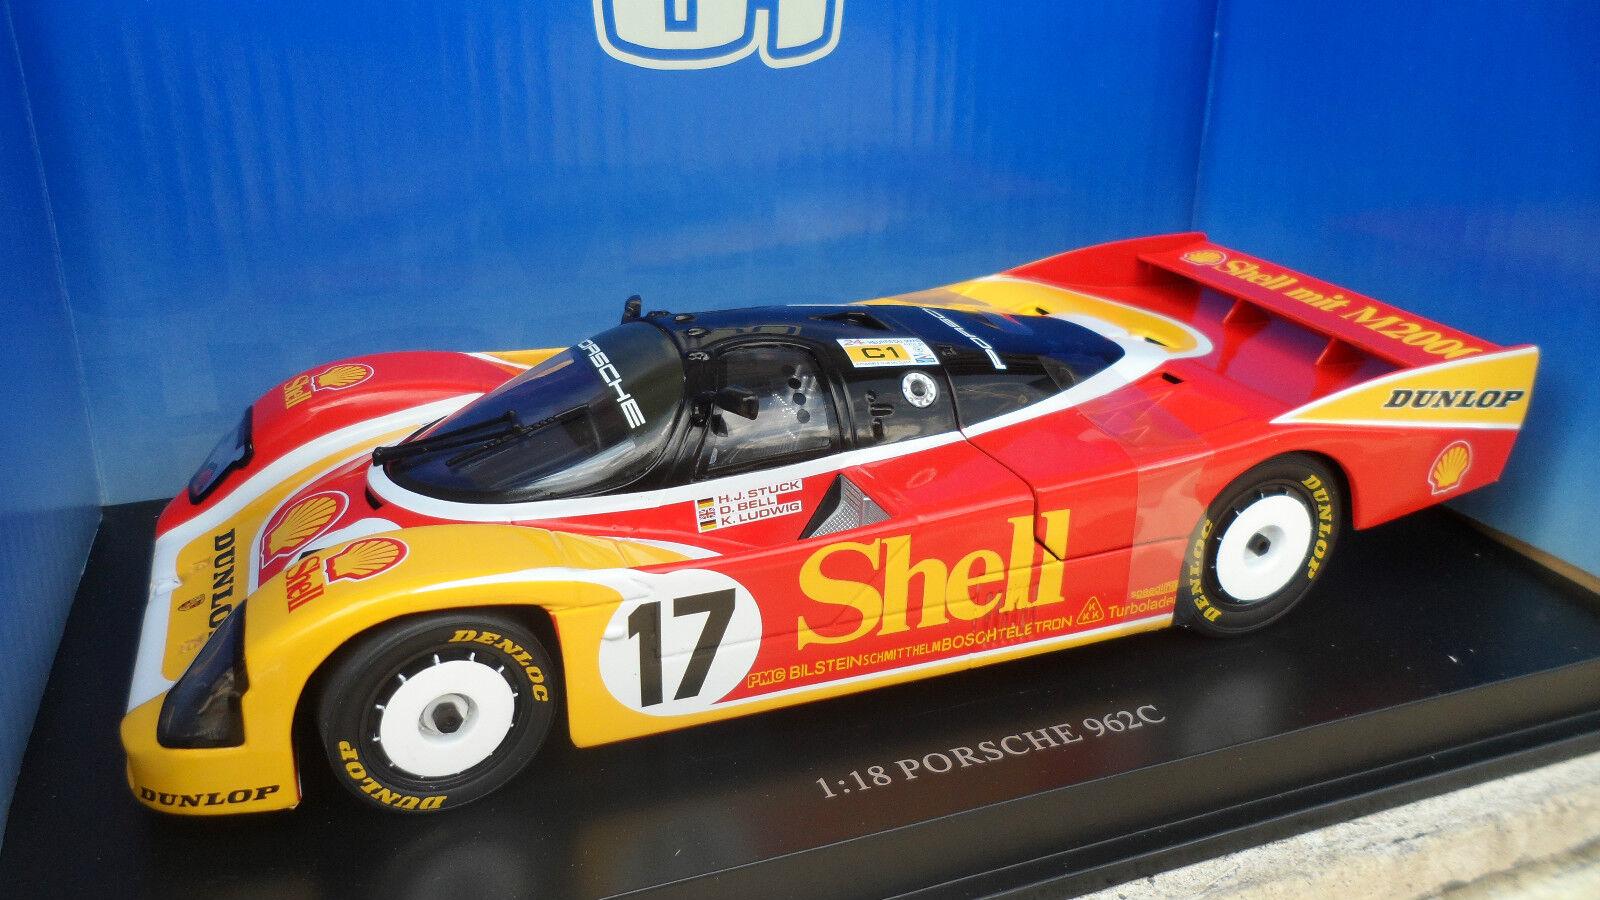 PORSCHE 962C SHELL 24 HEURES LE MANS 1988 au 1 18 UNIVERSAL HOBBIES voiture